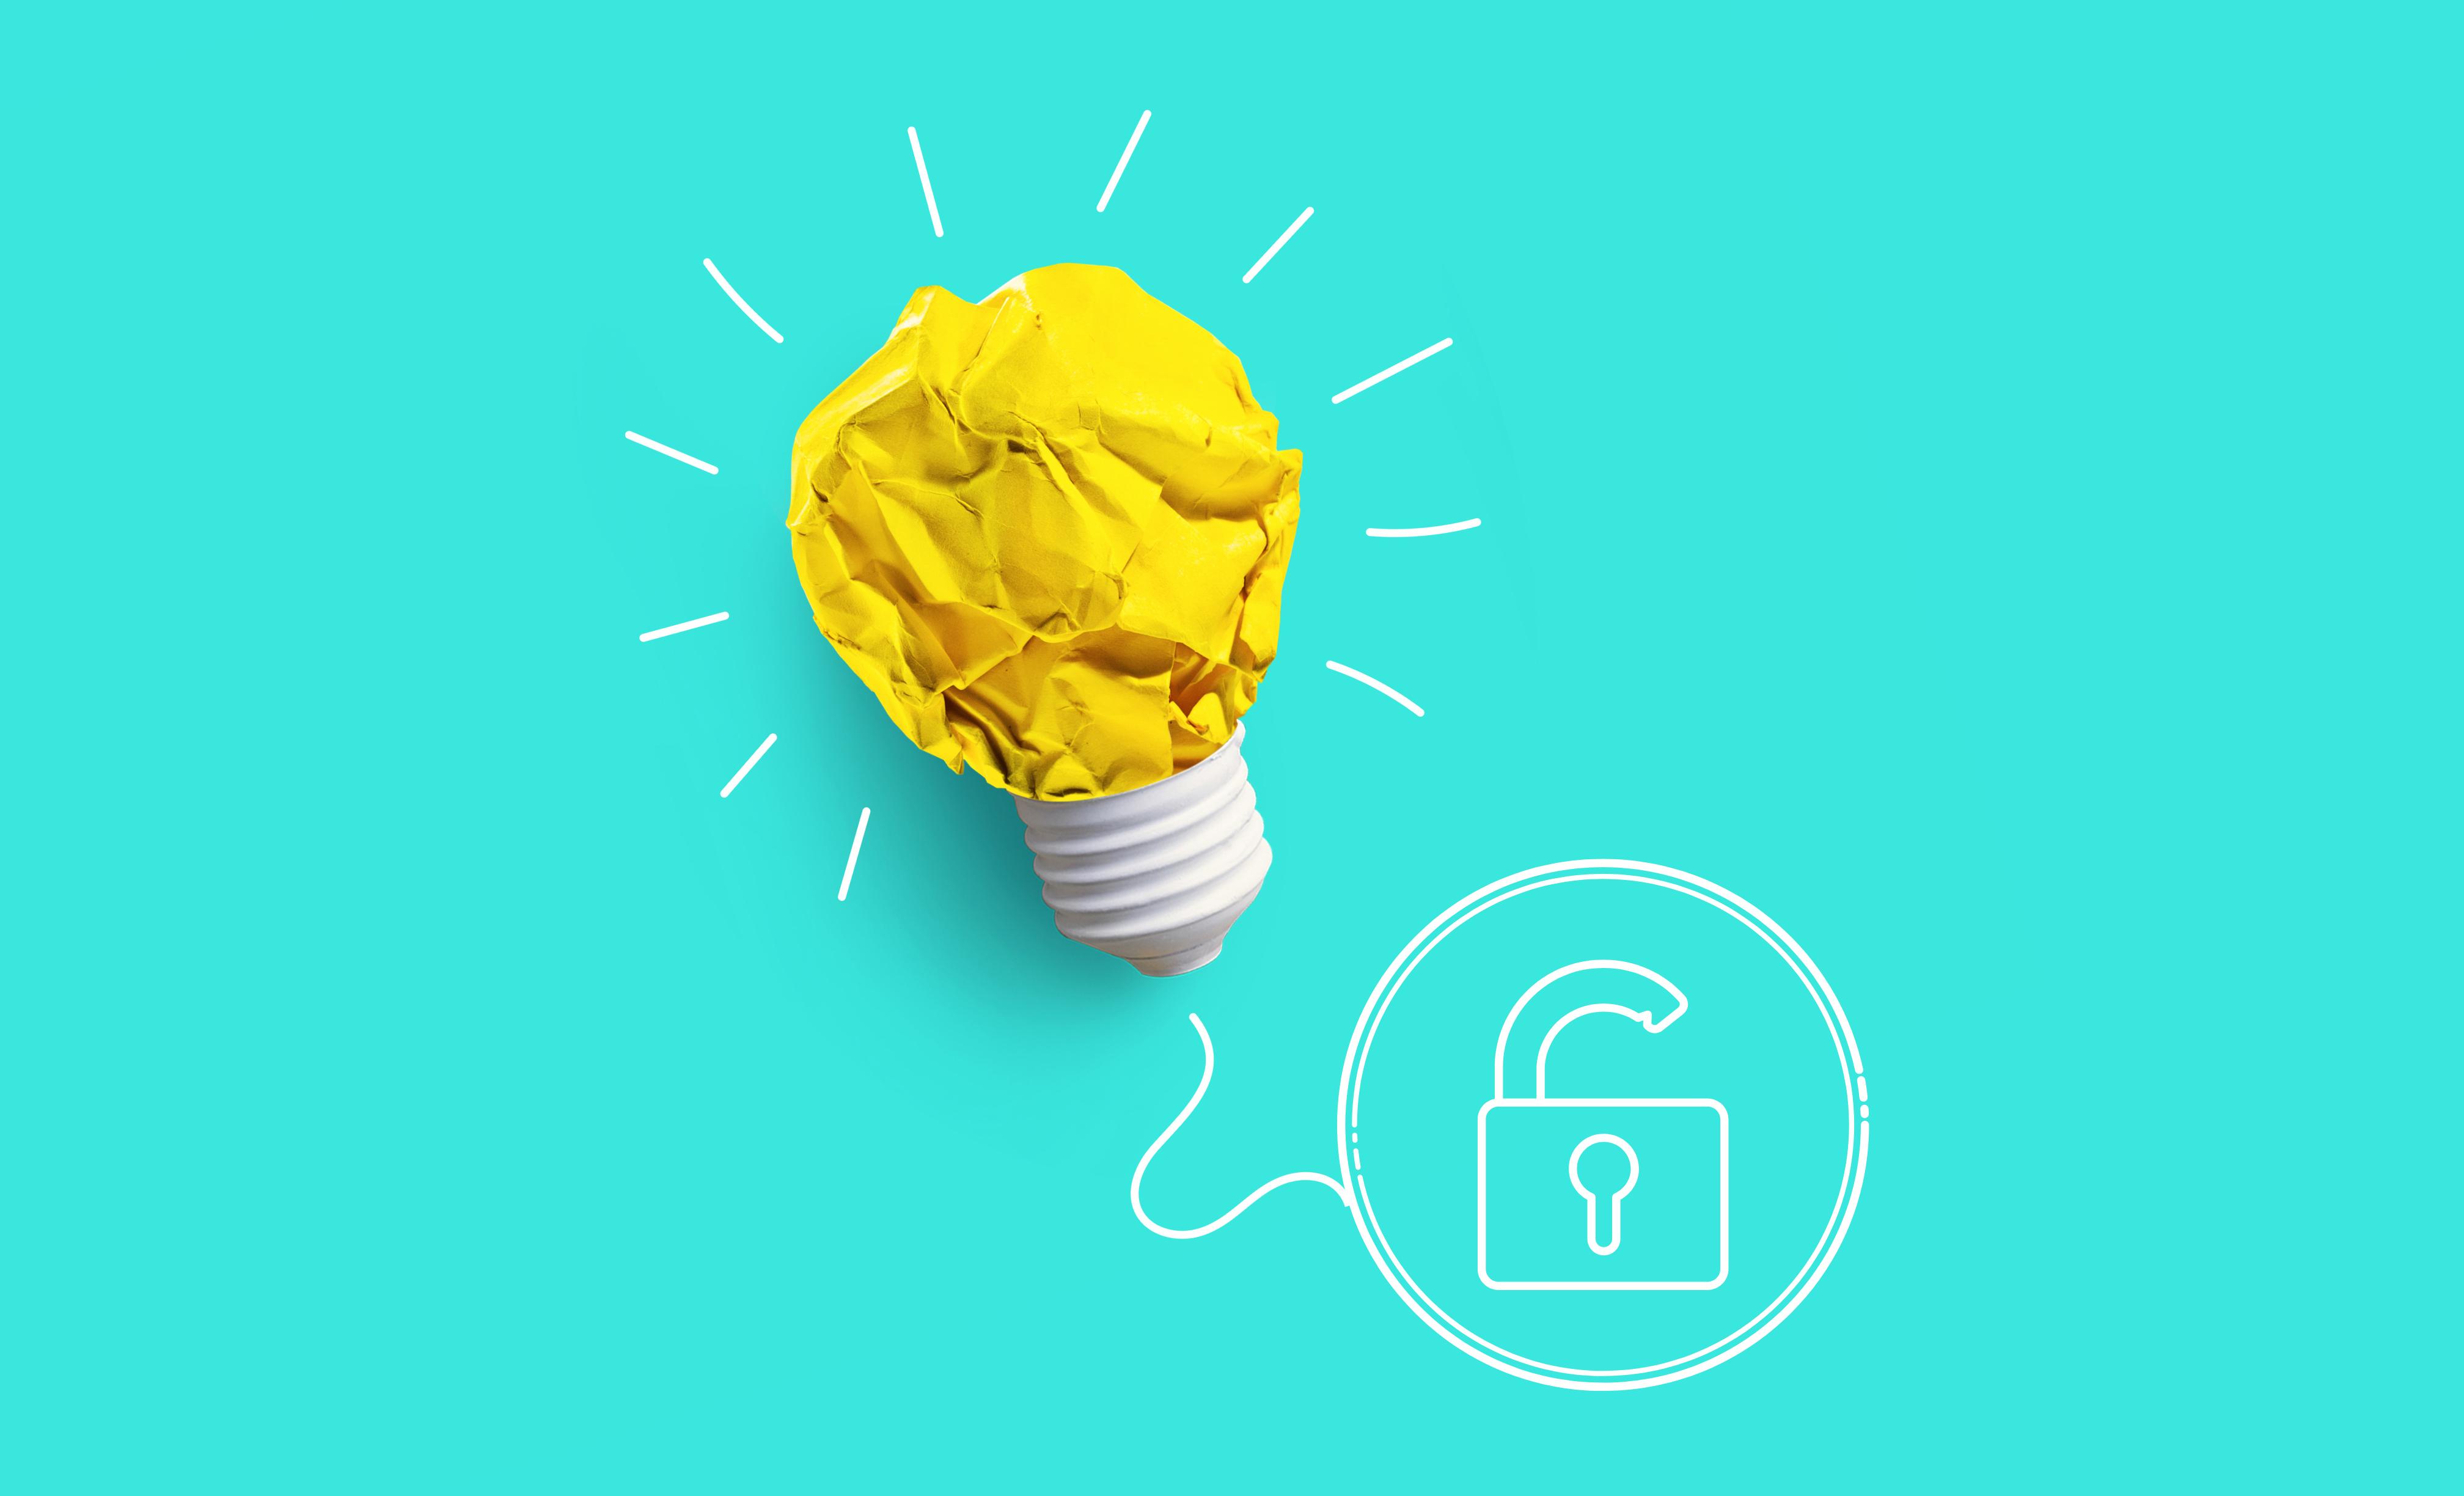 Une ampoule en papier reliée à un cadenas ouvert symbolisant l'accès ouvert.